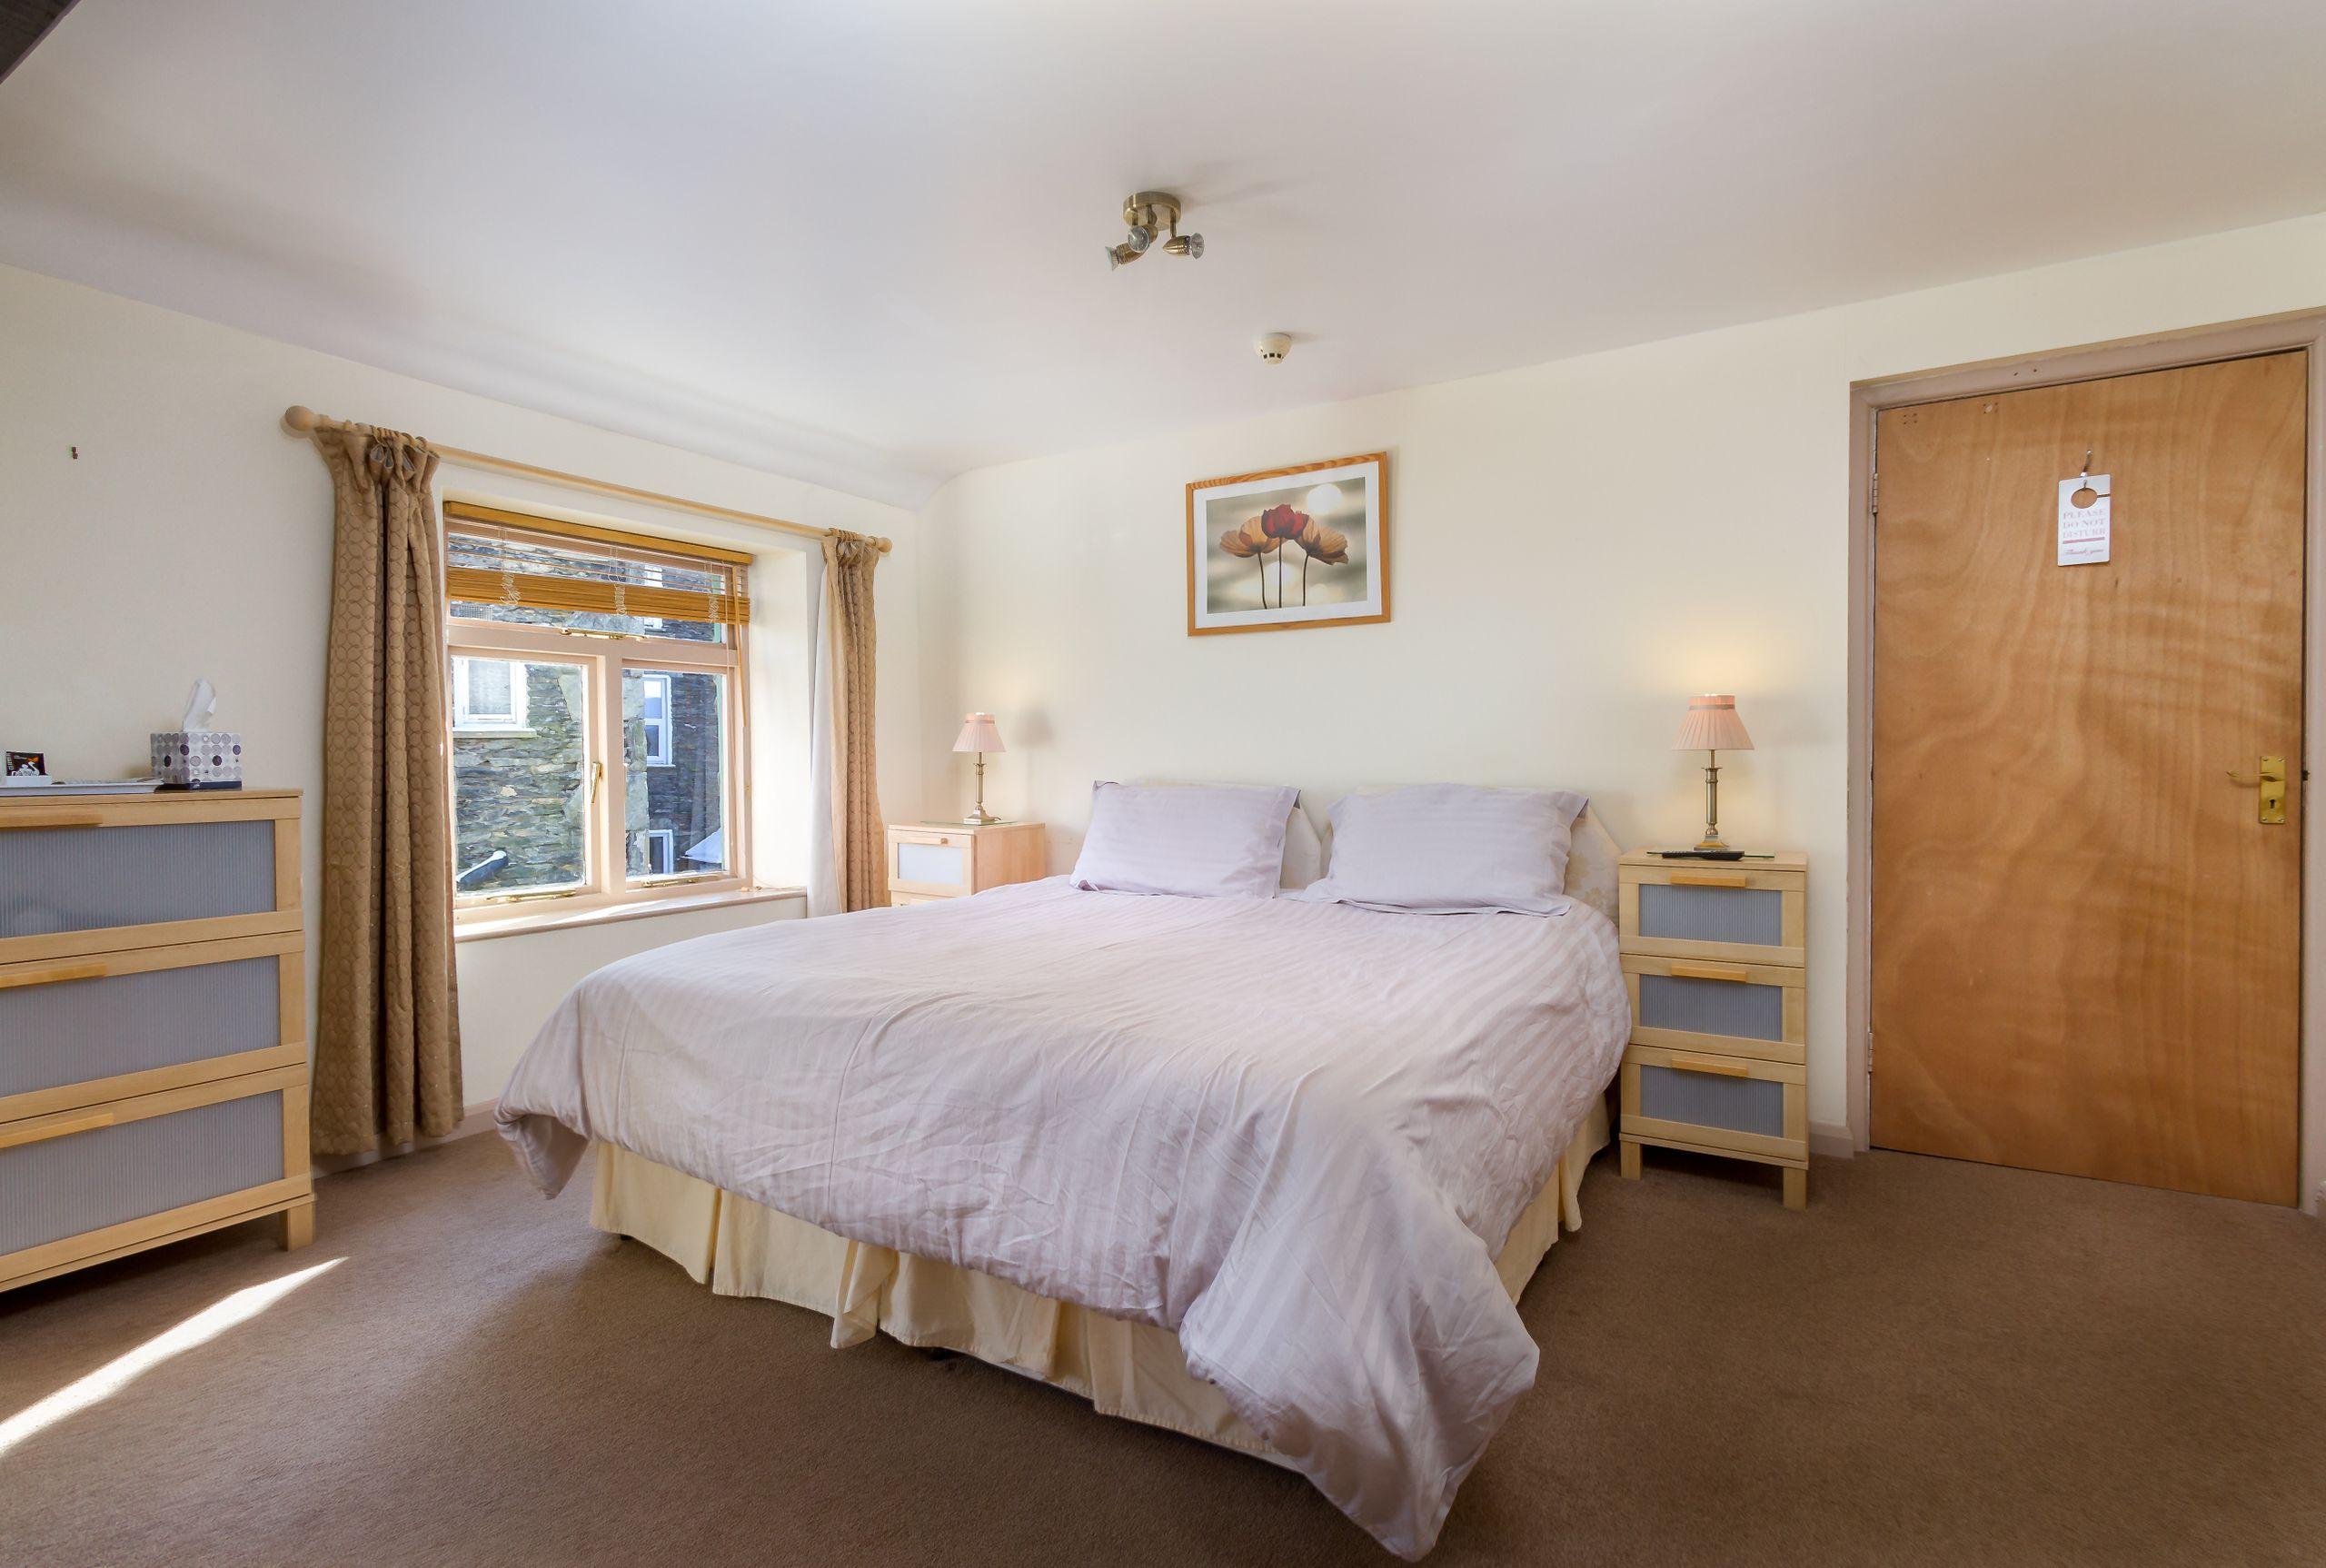 elim-guest-house-windermere-room-10-double-en-suite